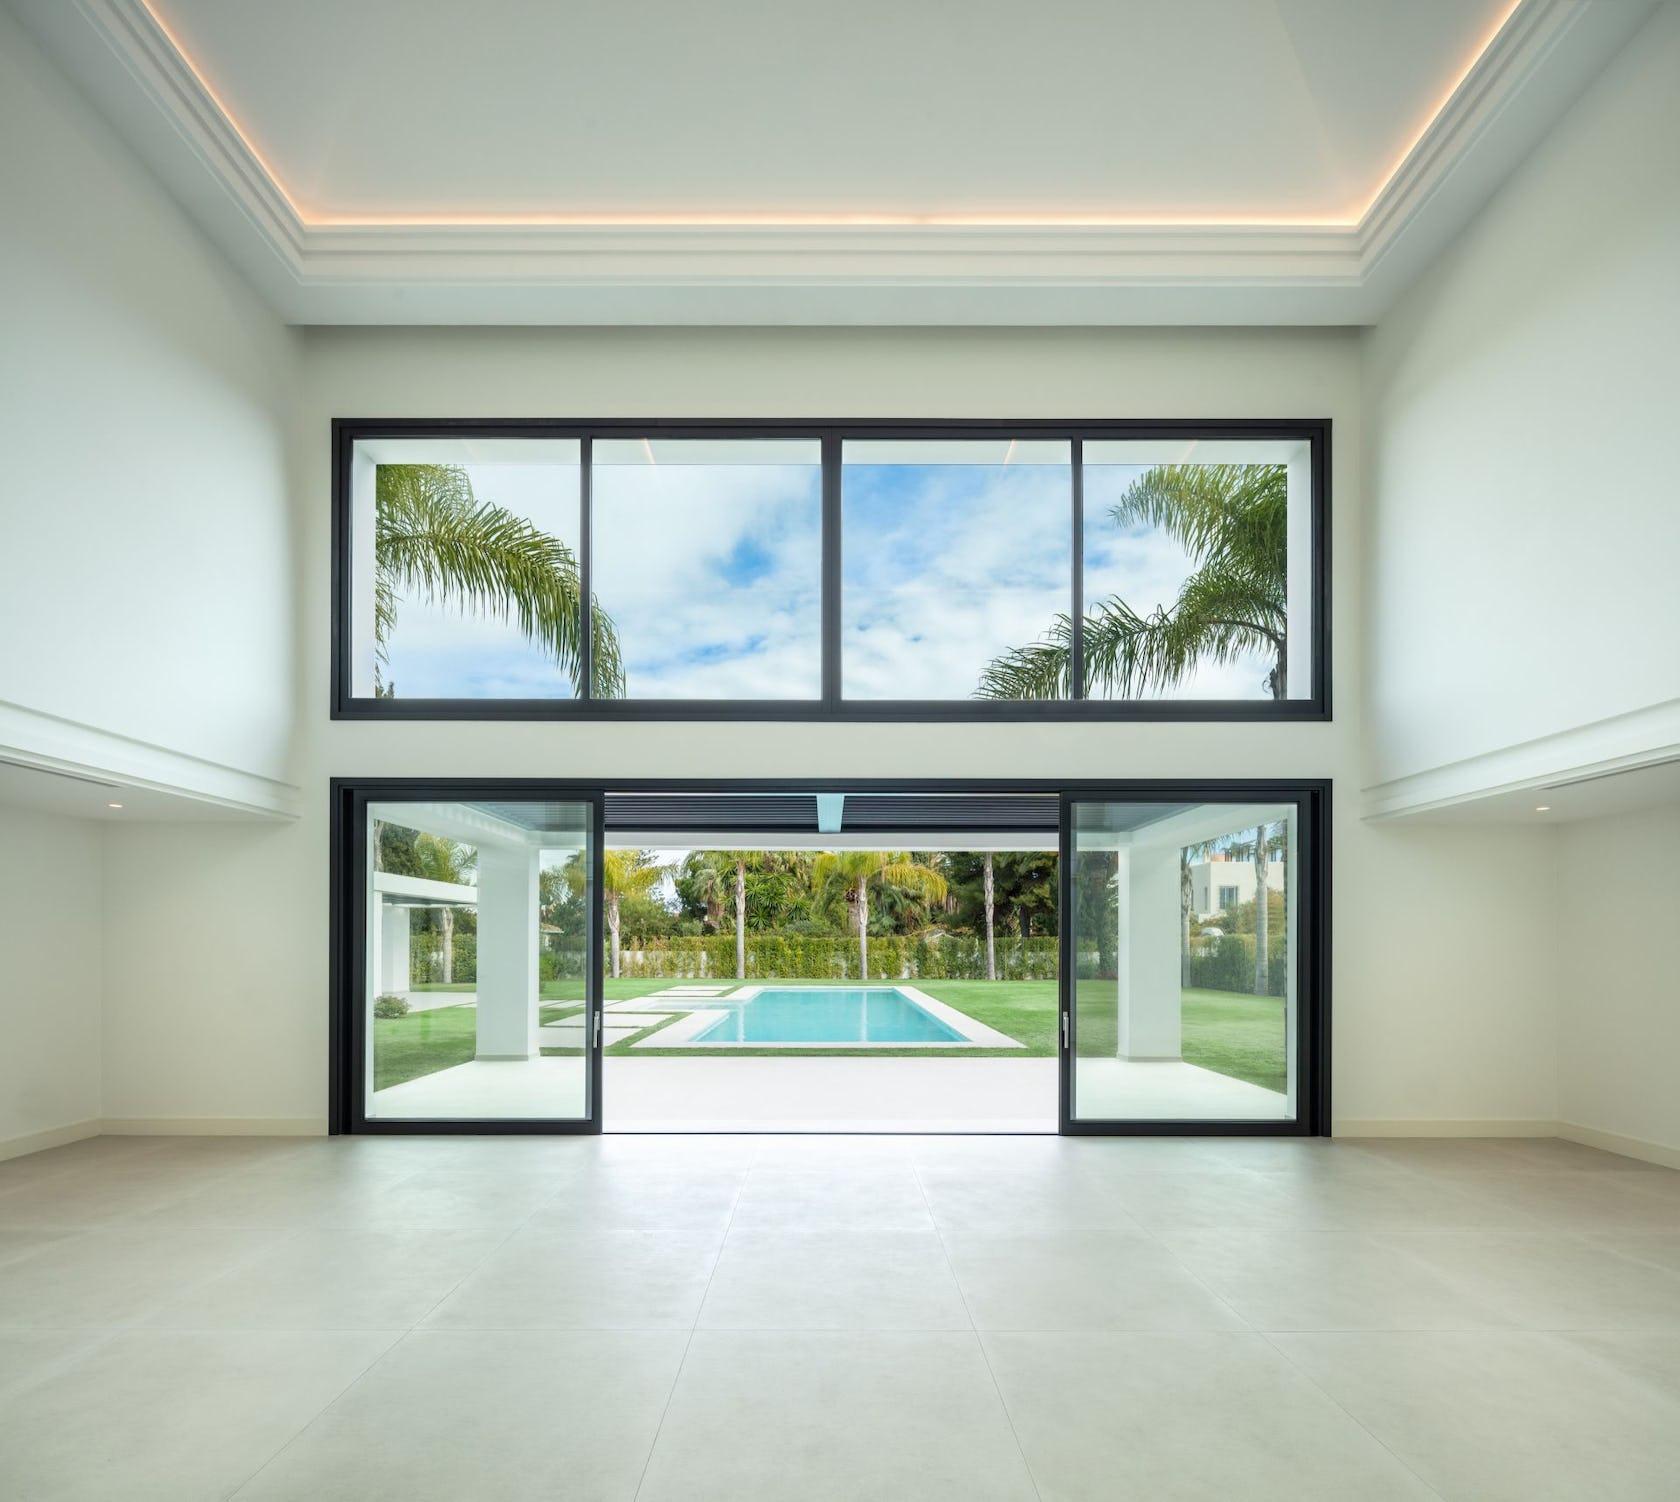 door building housing floor lobby room indoors flooring